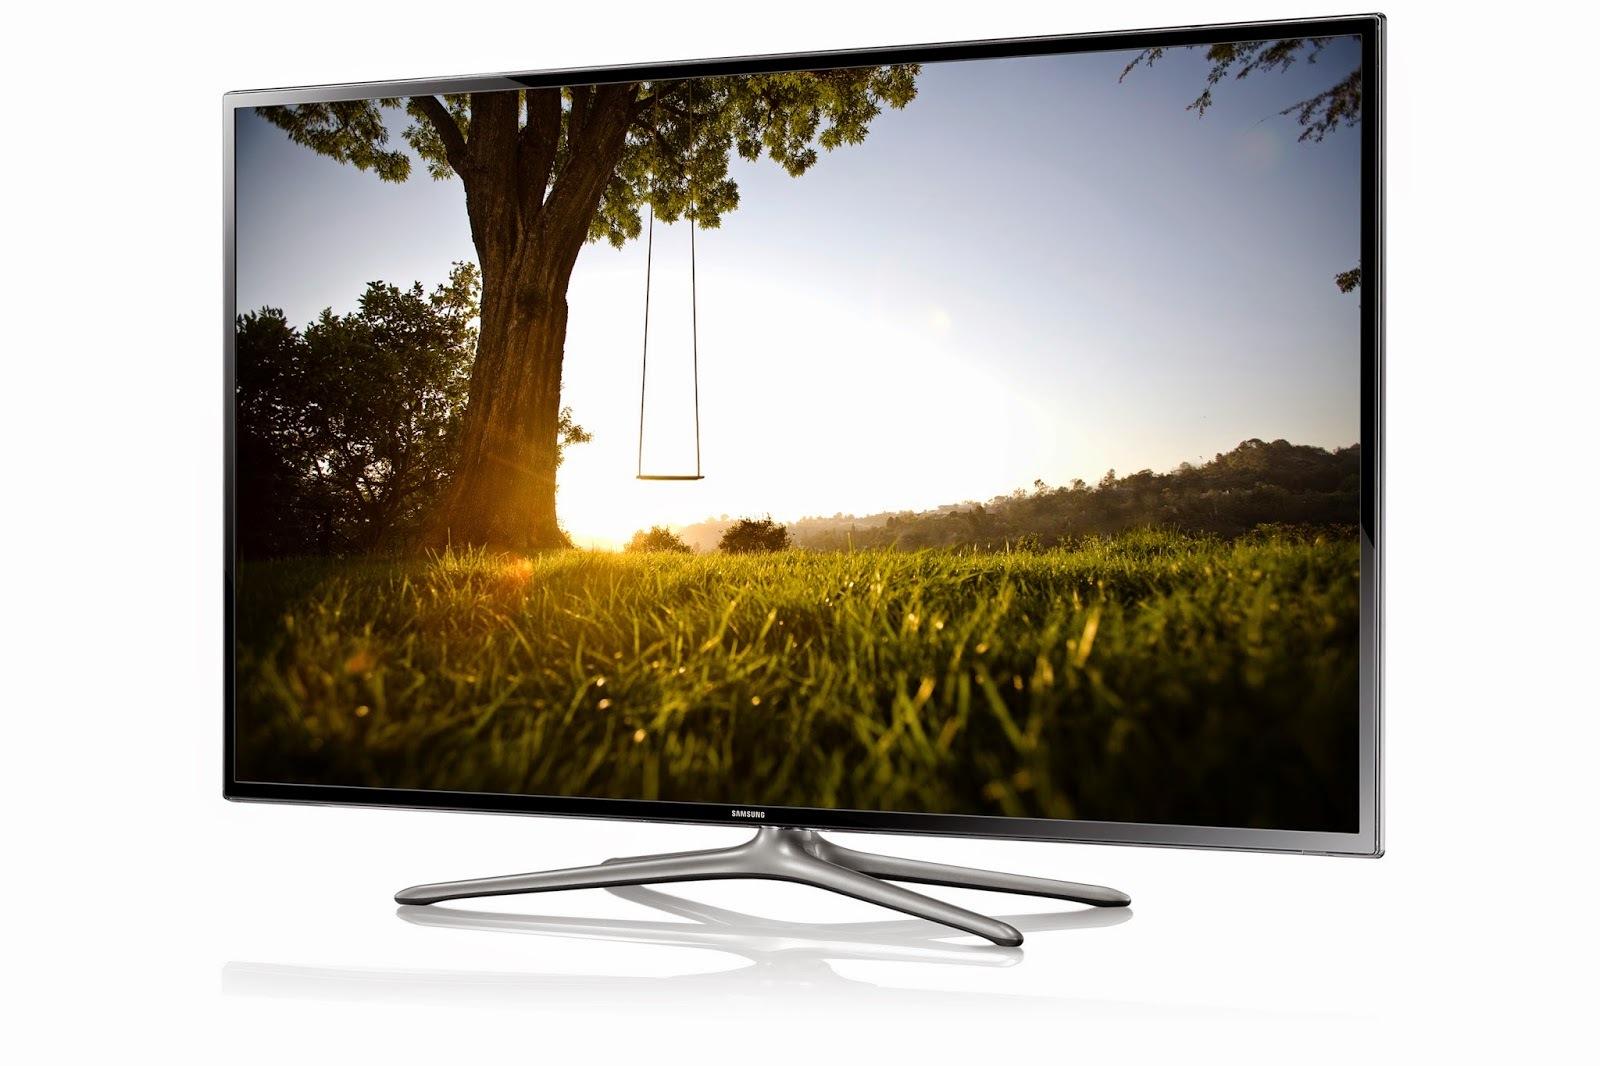 TV SMART LED REINICIANDO SOZINHA (Resolvido)